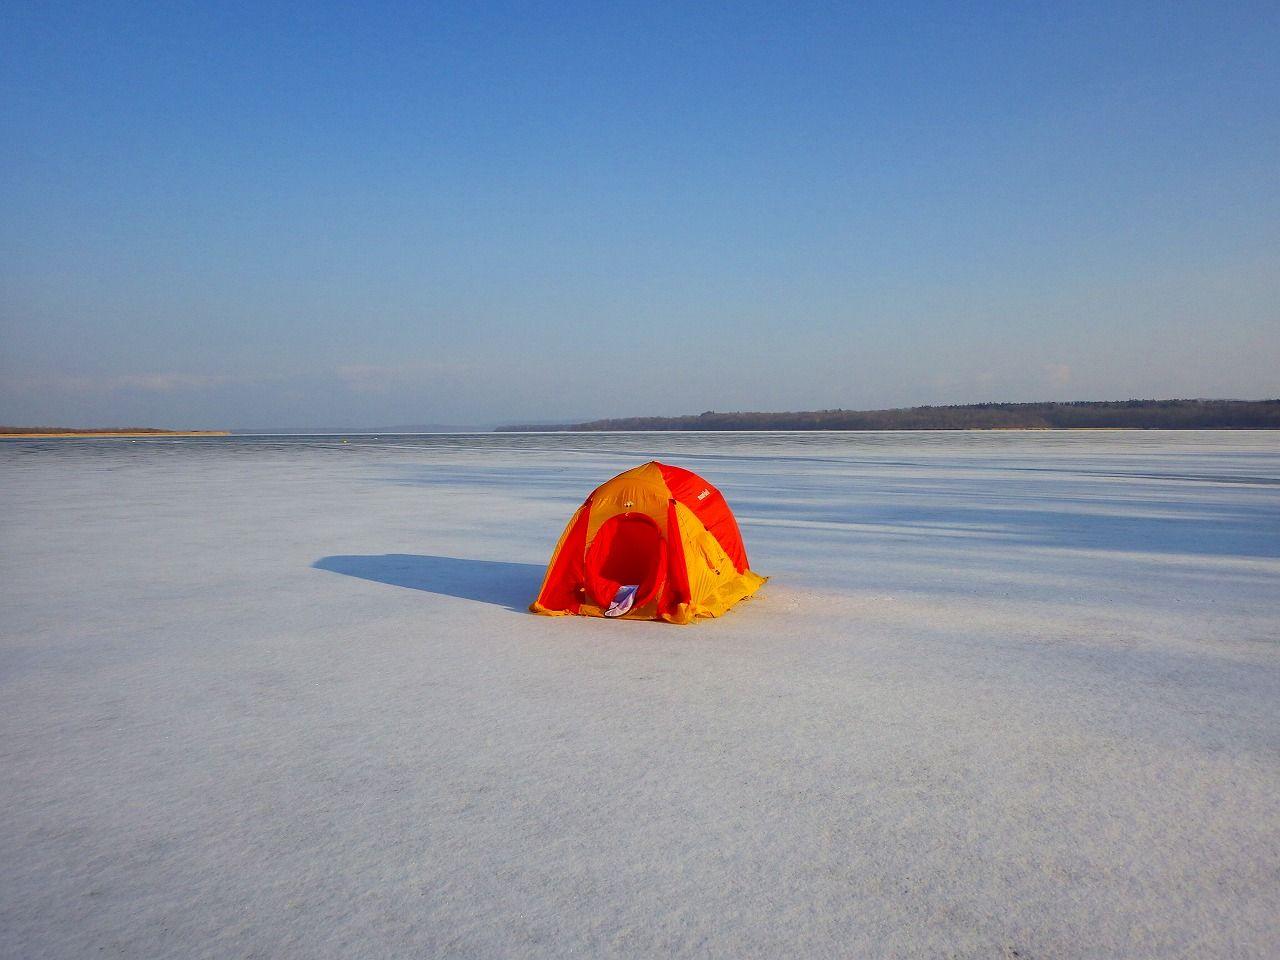 駅裏の国定公園!網走湖が輝くのは、やはり冬!